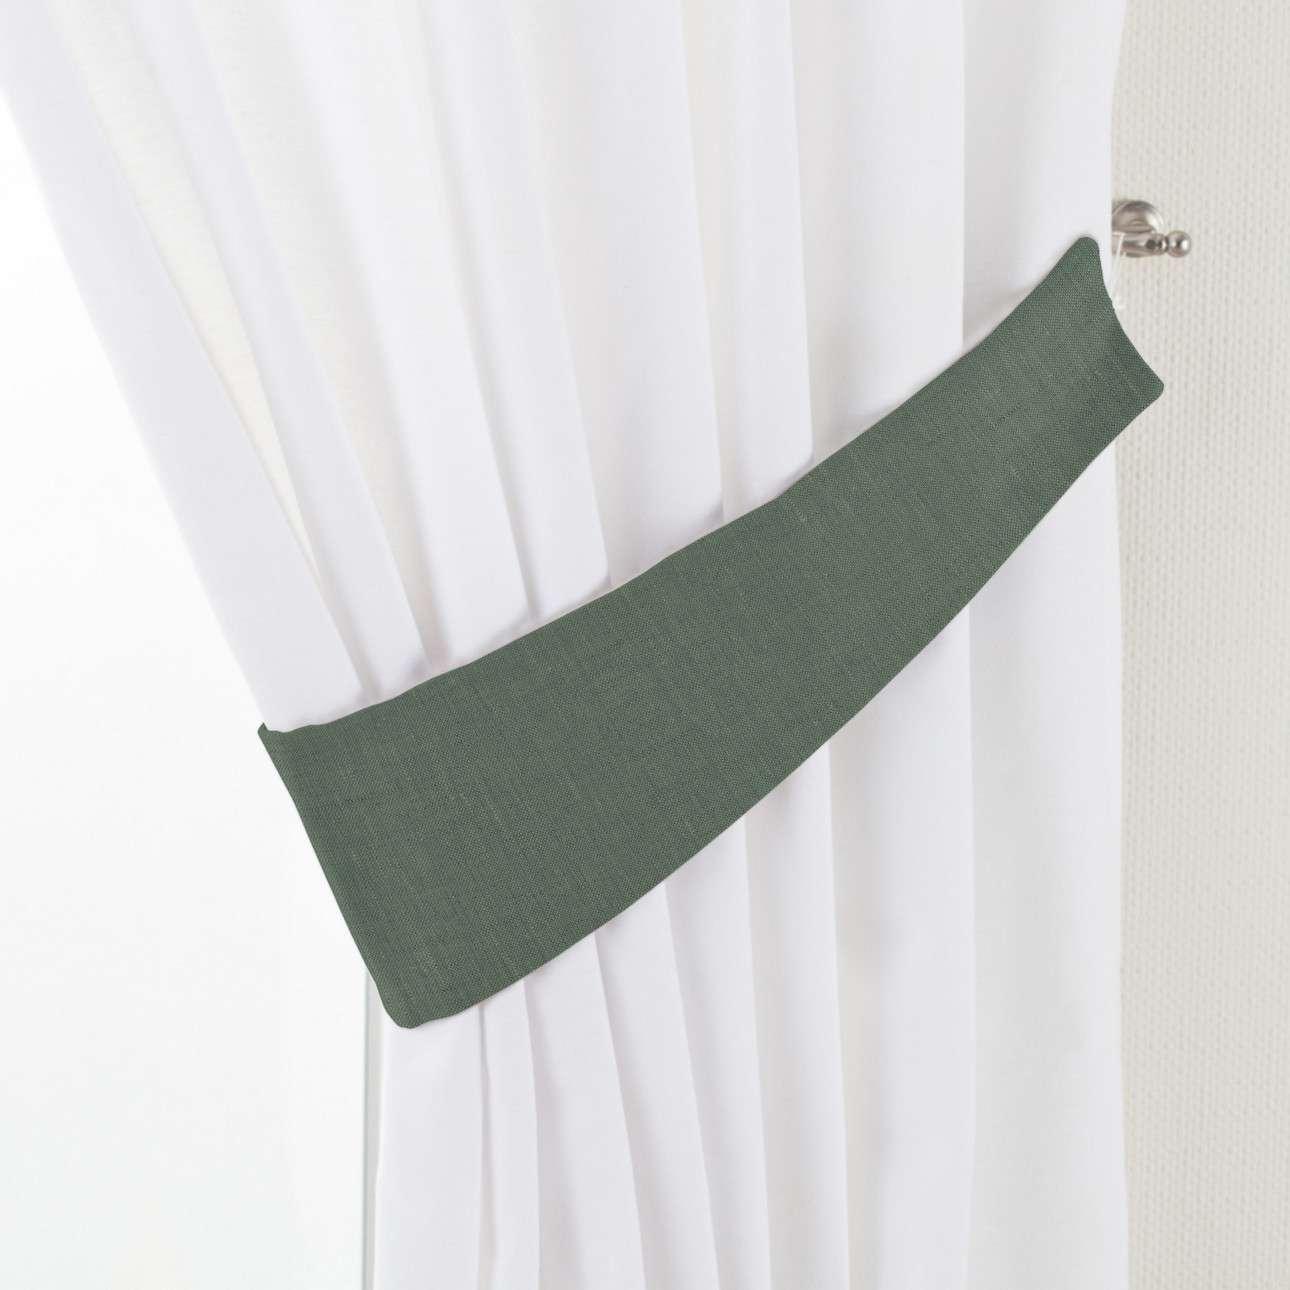 Úchyt Victoria, 1ks V kolekcii Linen, tkanina: 159-08